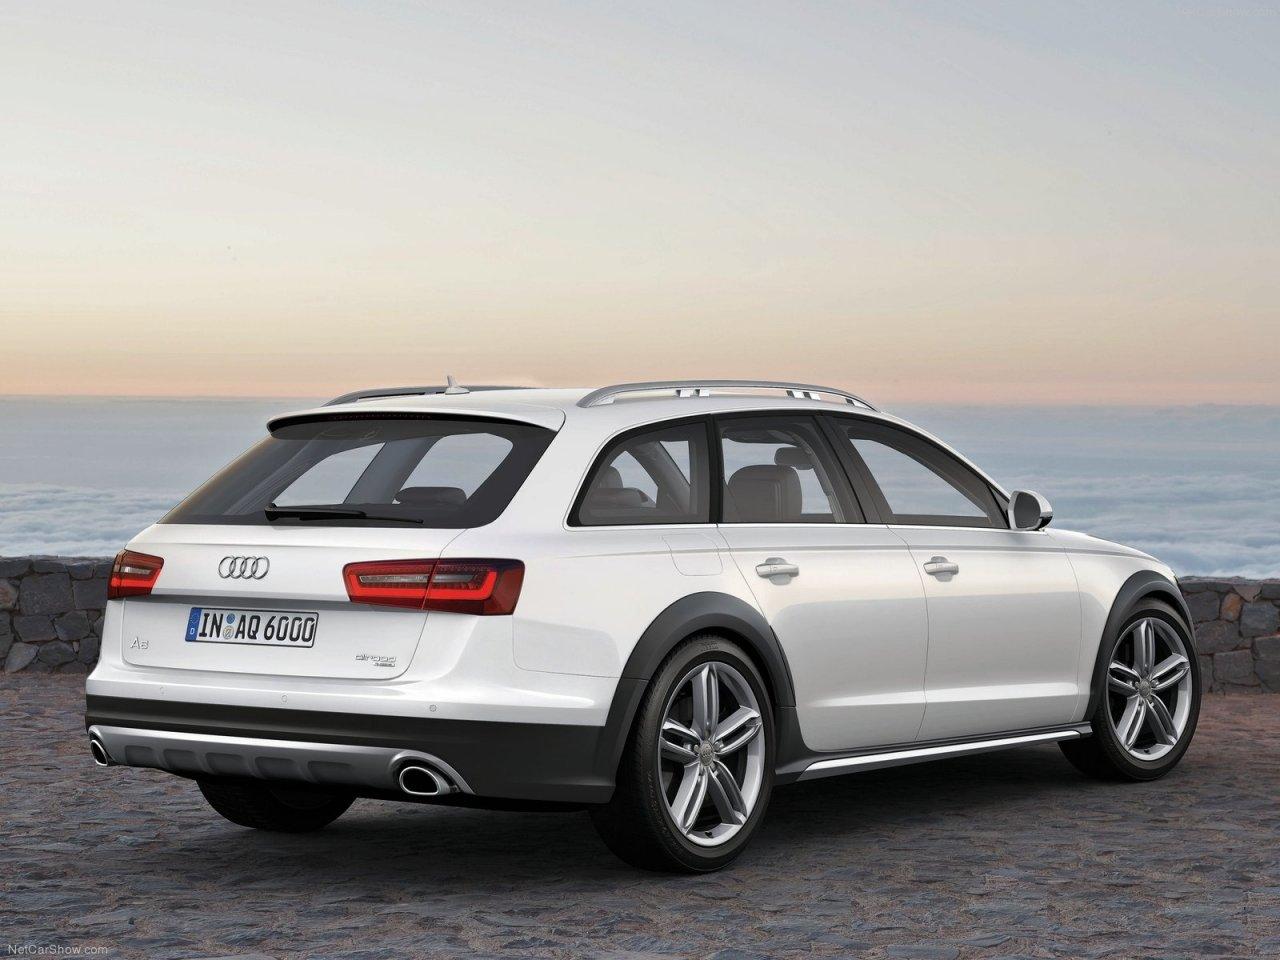 Kelebihan Kekurangan Audi A6 Quattro 3.0 Tdi Murah Berkualitas